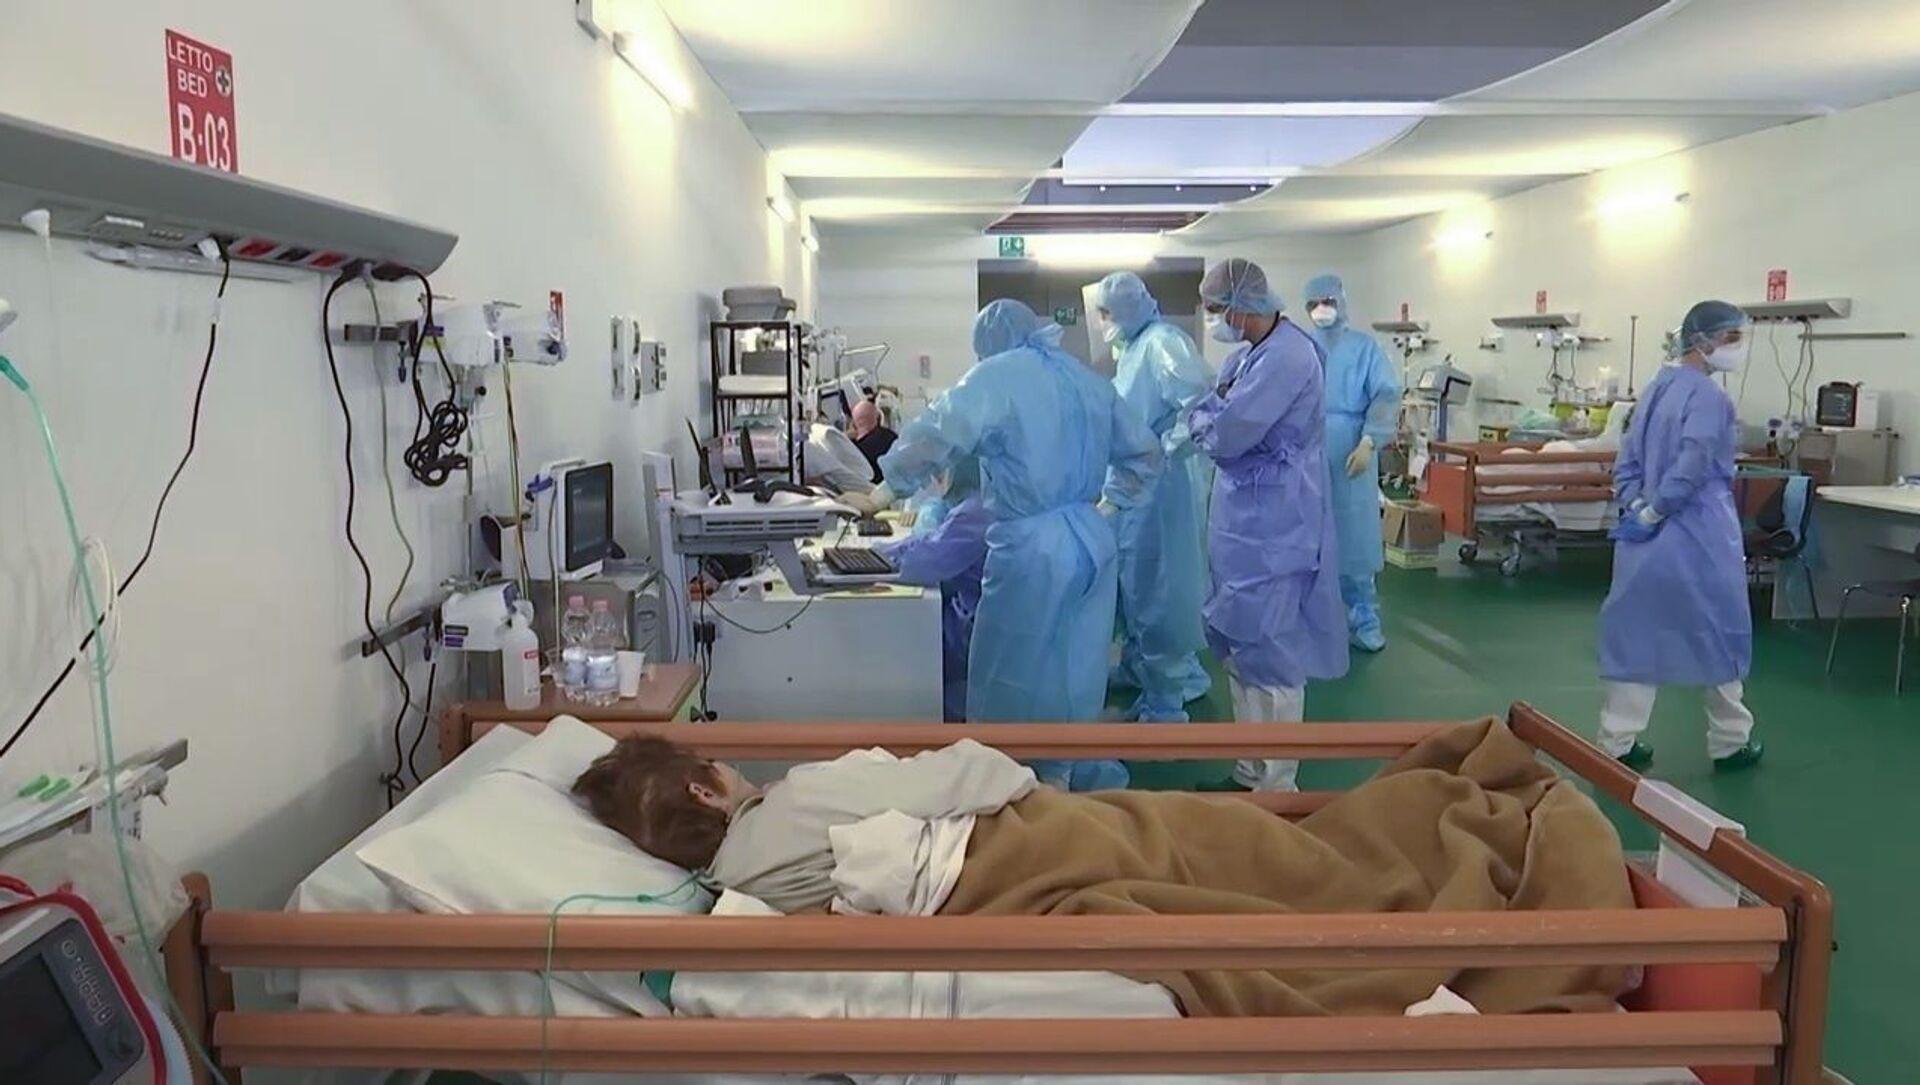 I medici militari russi al lavoro nell'ospedale da campo a Bergamo - Sputnik Italia, 1920, 20.02.2021